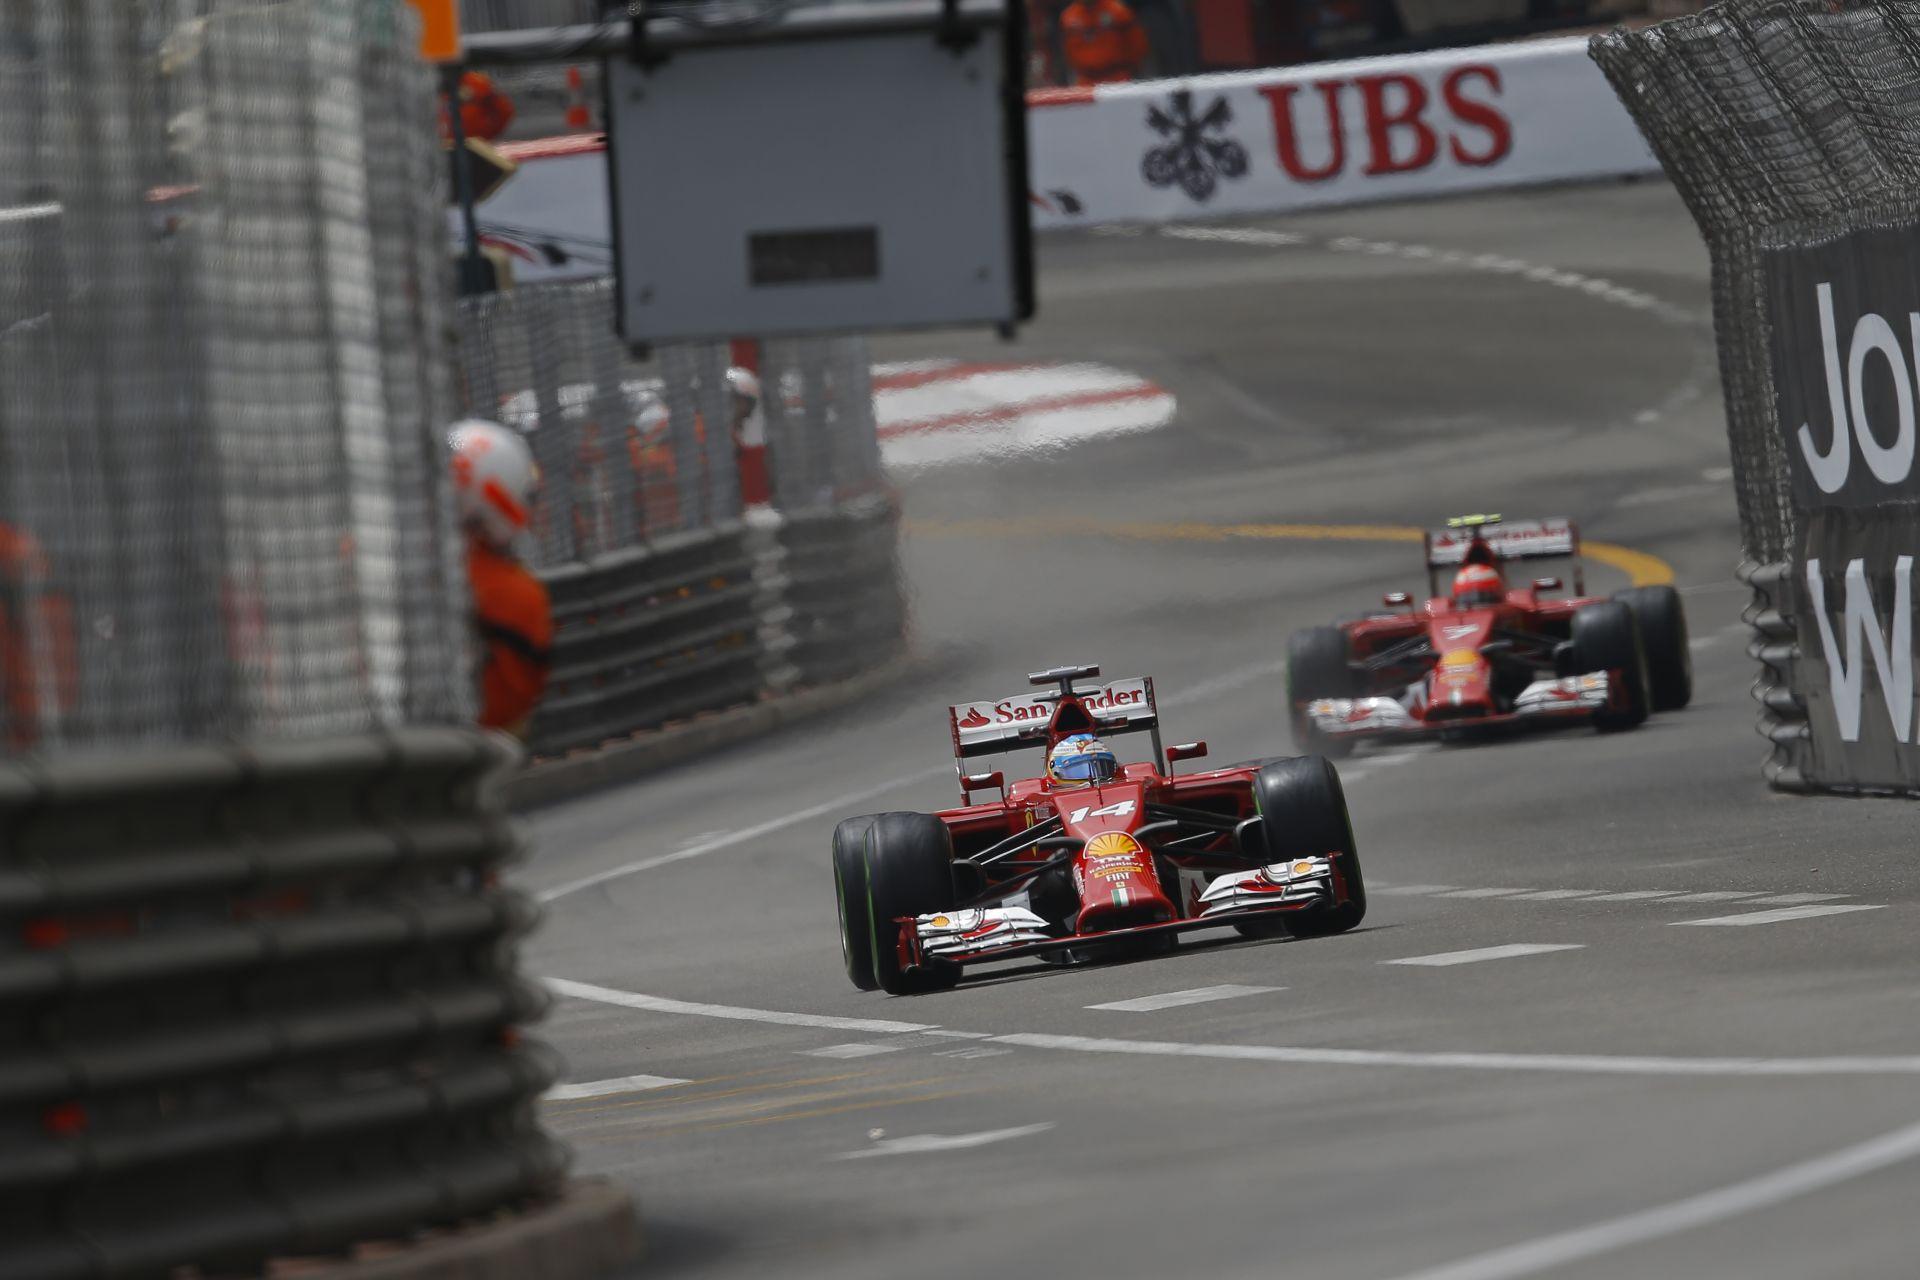 Ferrari: Alonso diktálja a tempót, de Raikkönen közeledik